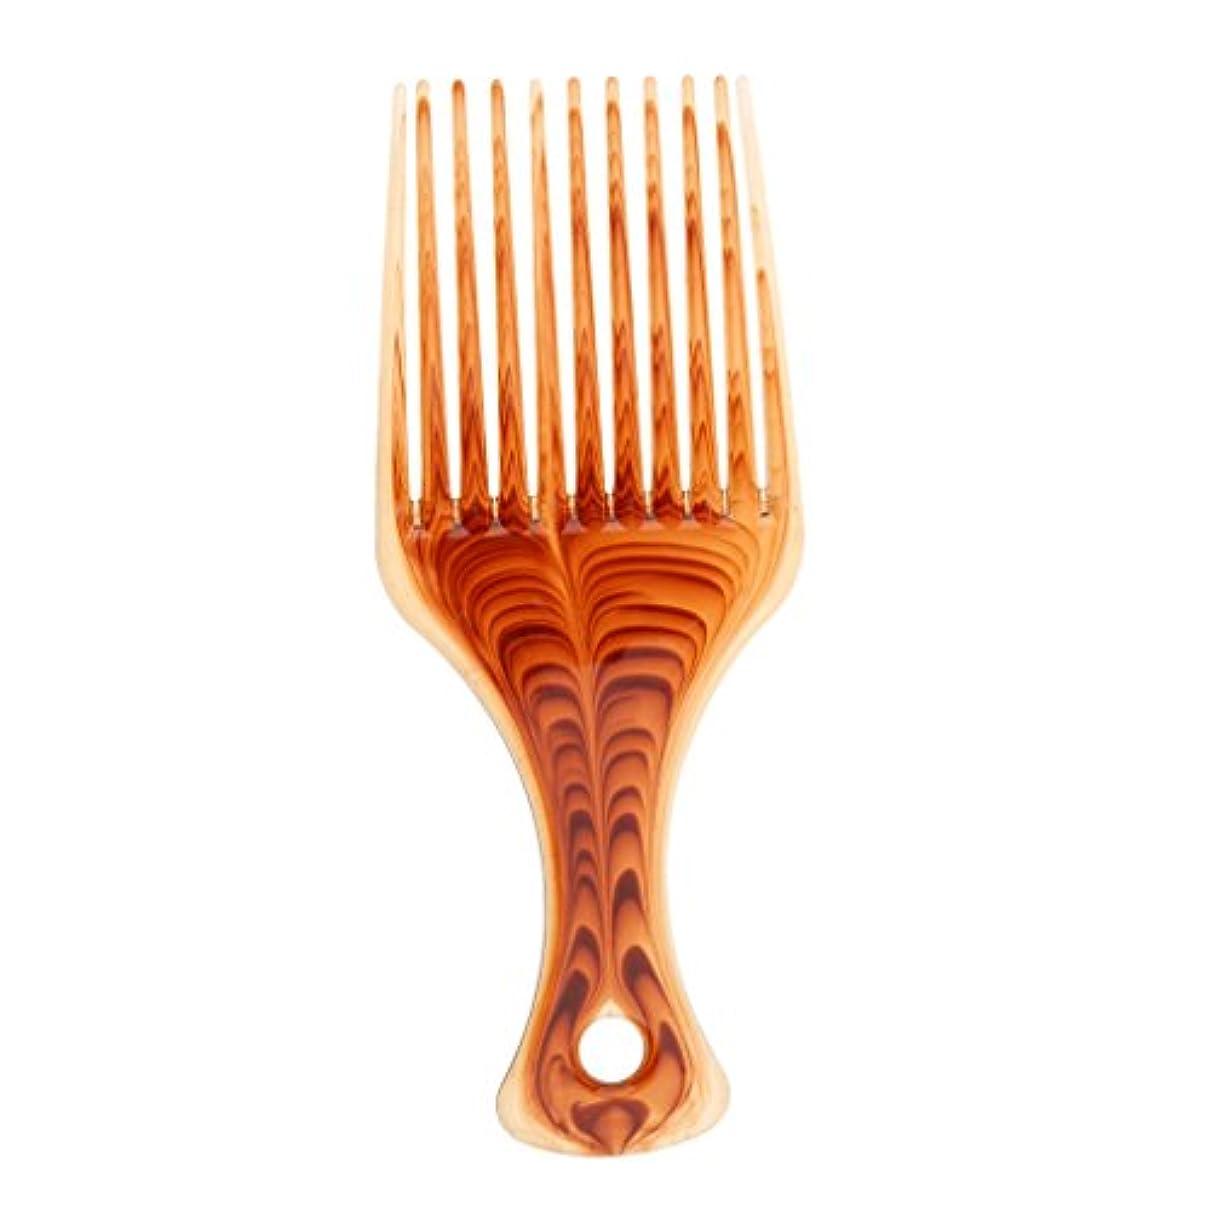 おもちゃ視力革命的ヘアブラシ ヘアコーム くし プラスチック製 アフロ 髪の櫛 持ち上げ ヘアブラシ